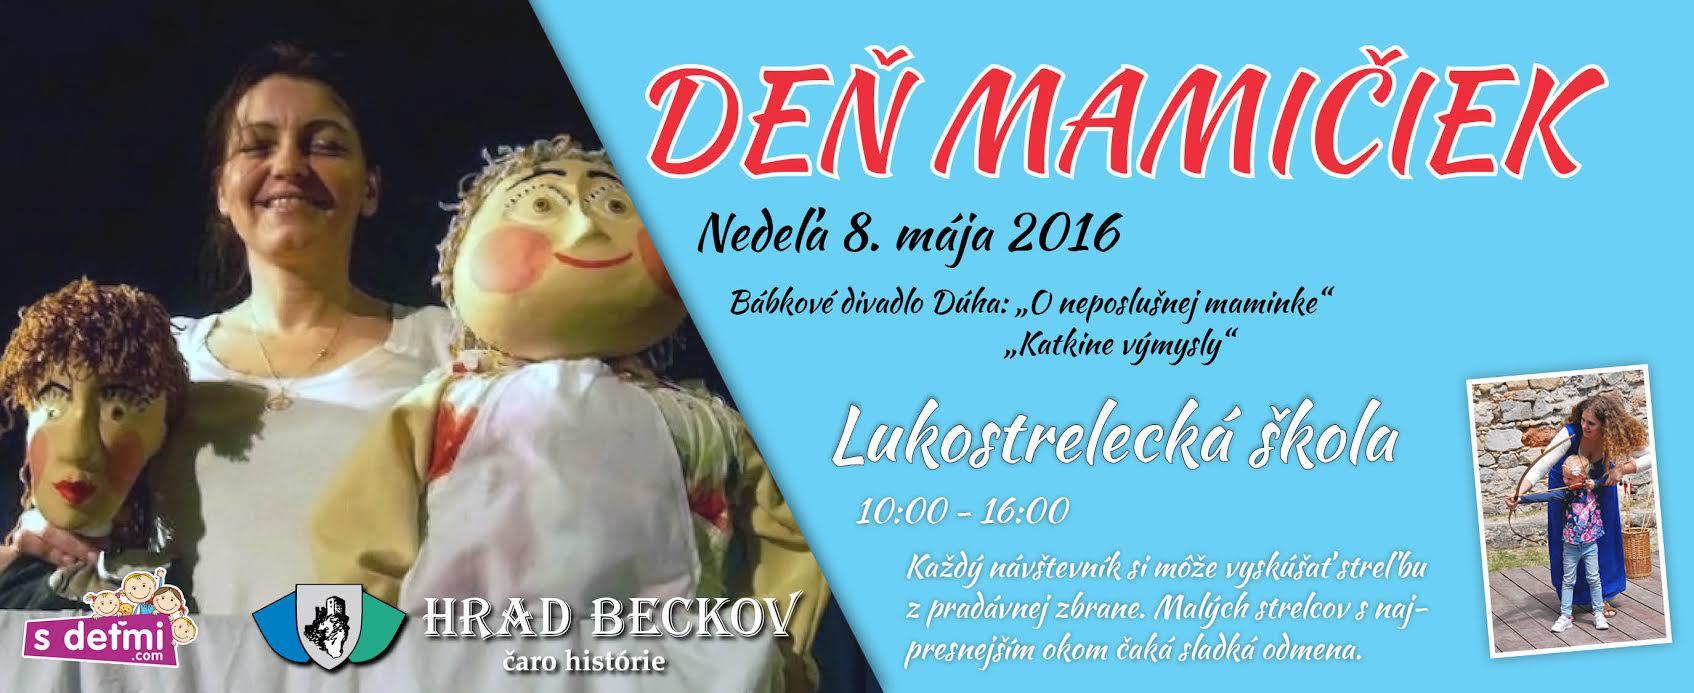 Banner_Den mamiciek_Luk skola